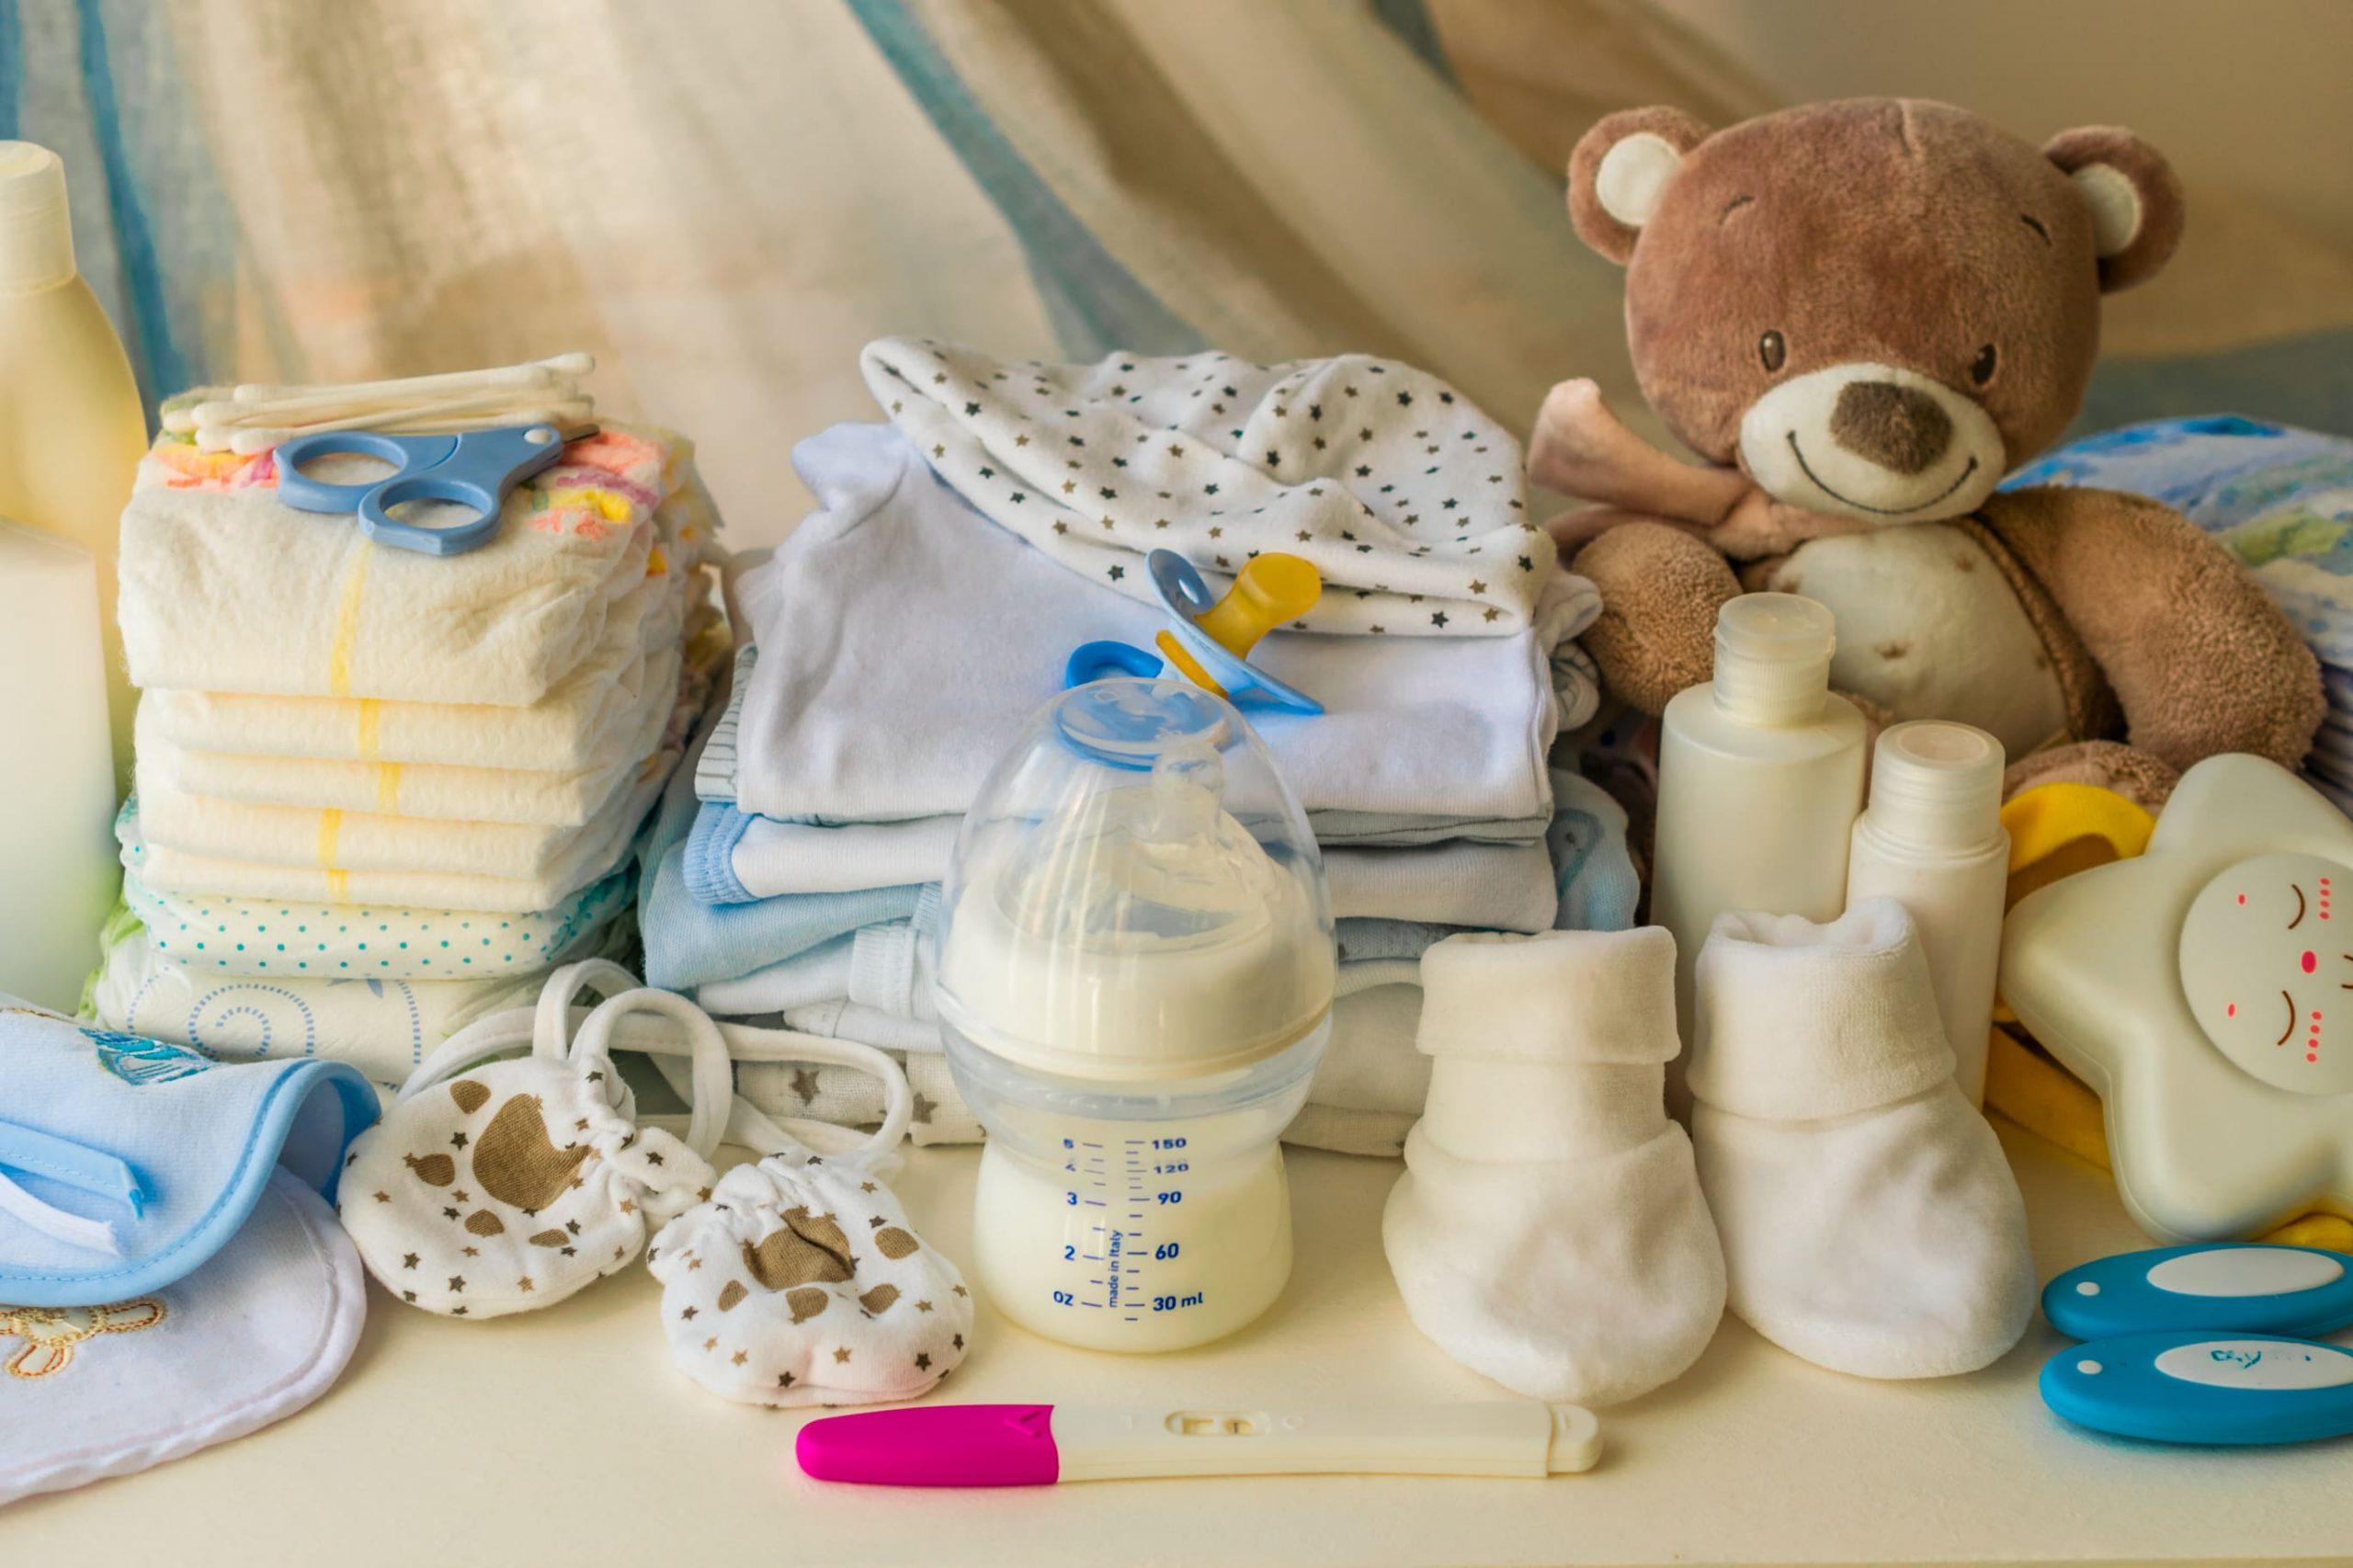 出産準備は「いつから・何を・いくらで」用意するかをリスト化!